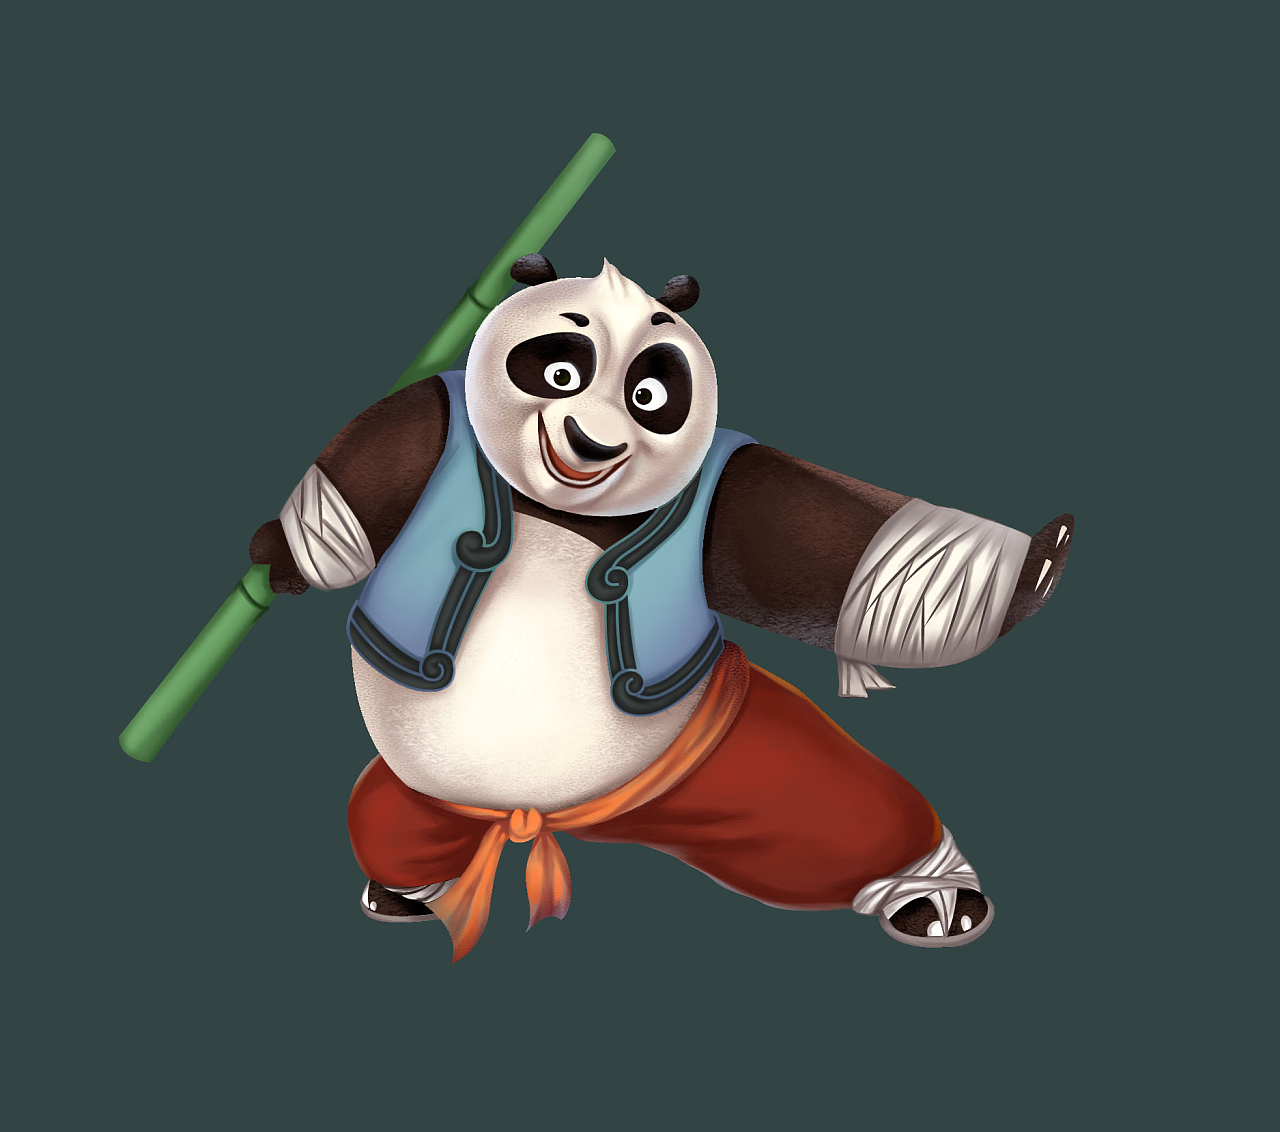 卡通熊猫壁纸大全 可爱卡通熊猫